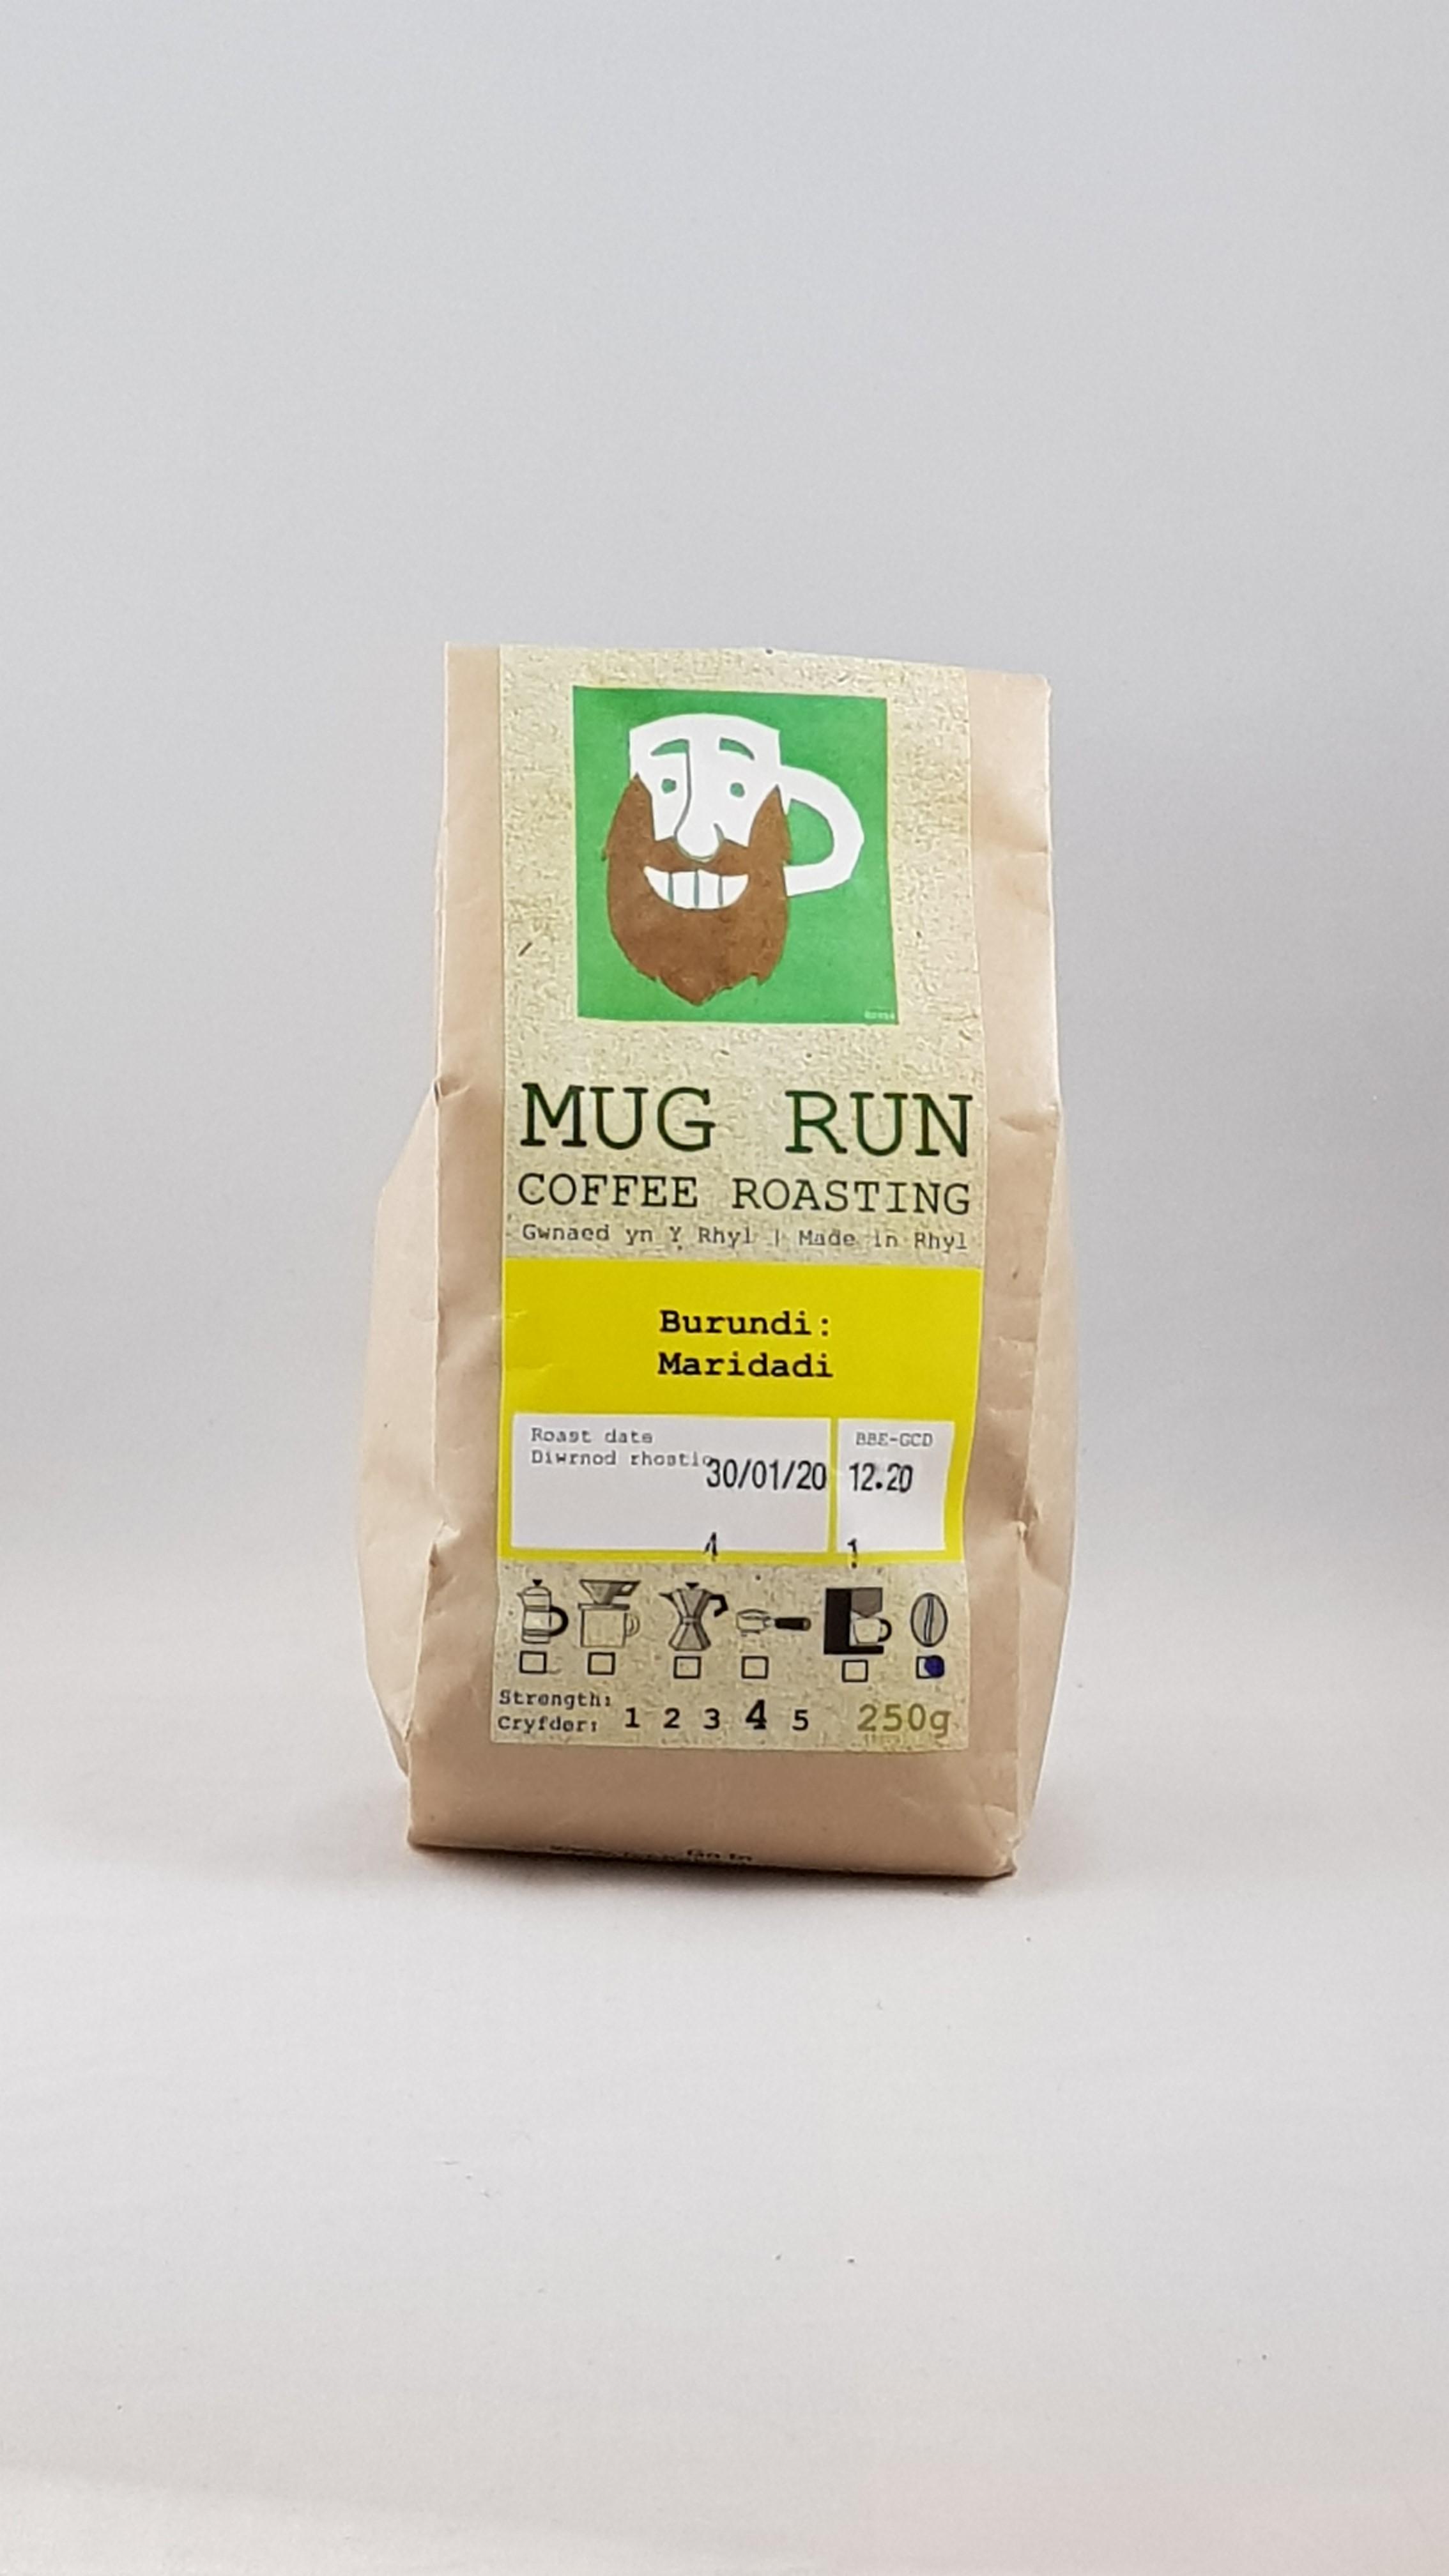 Mug Run Coffee Burundi Maridadi